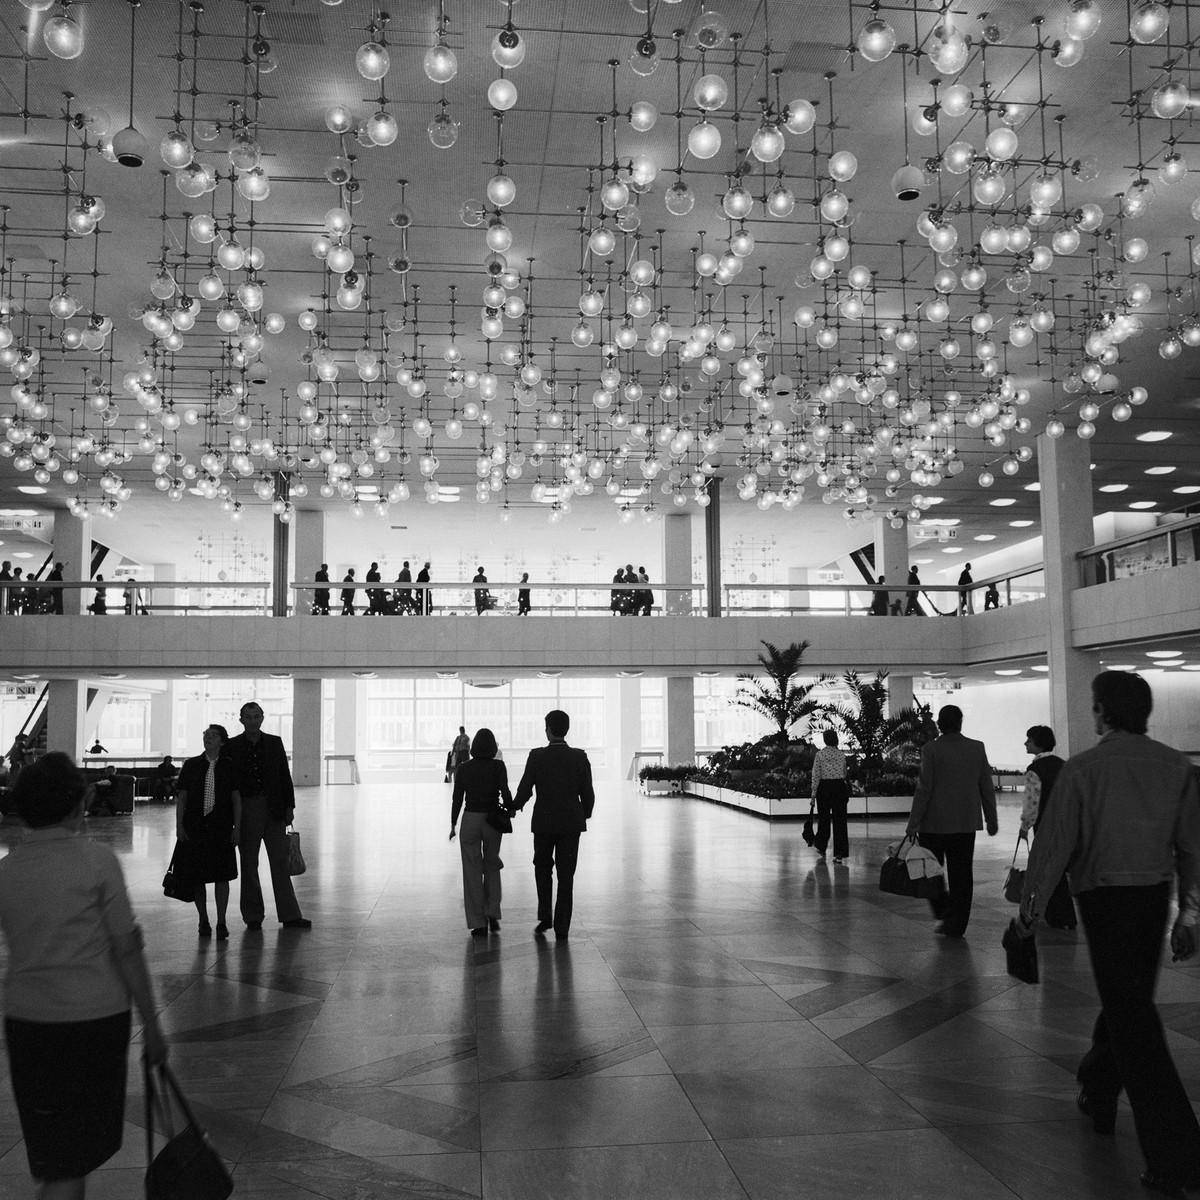 Foyer of the »Palast der Republik«, Berlin,  7 July 1977  (Architecture: Heinz Graffander) © ddrbildarchiv.de / Manfred Uhlenhu